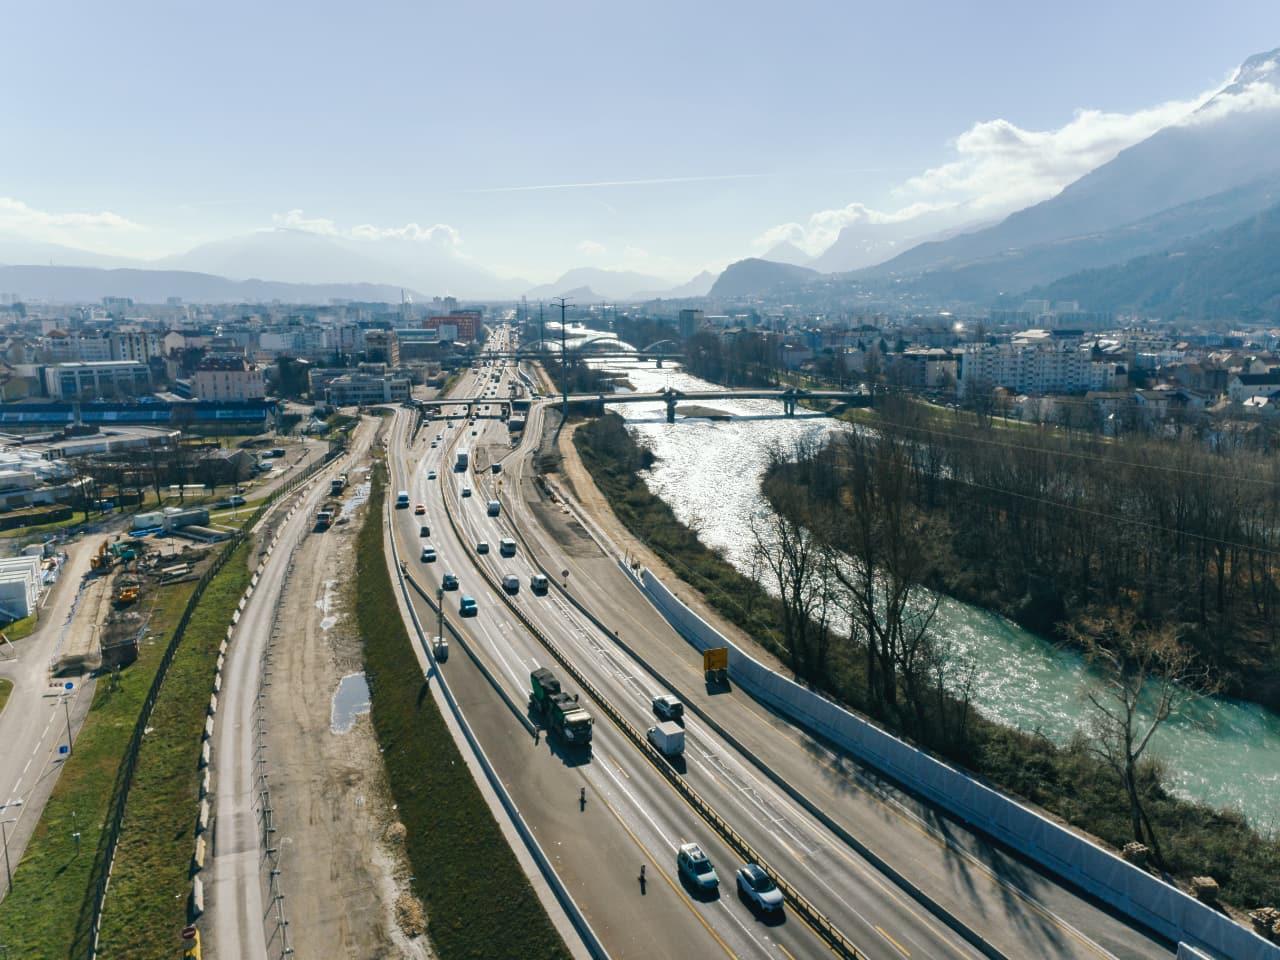 Travaux le long de l'autoroute A480 autour du diffuseur de Martyrs à Grenoble